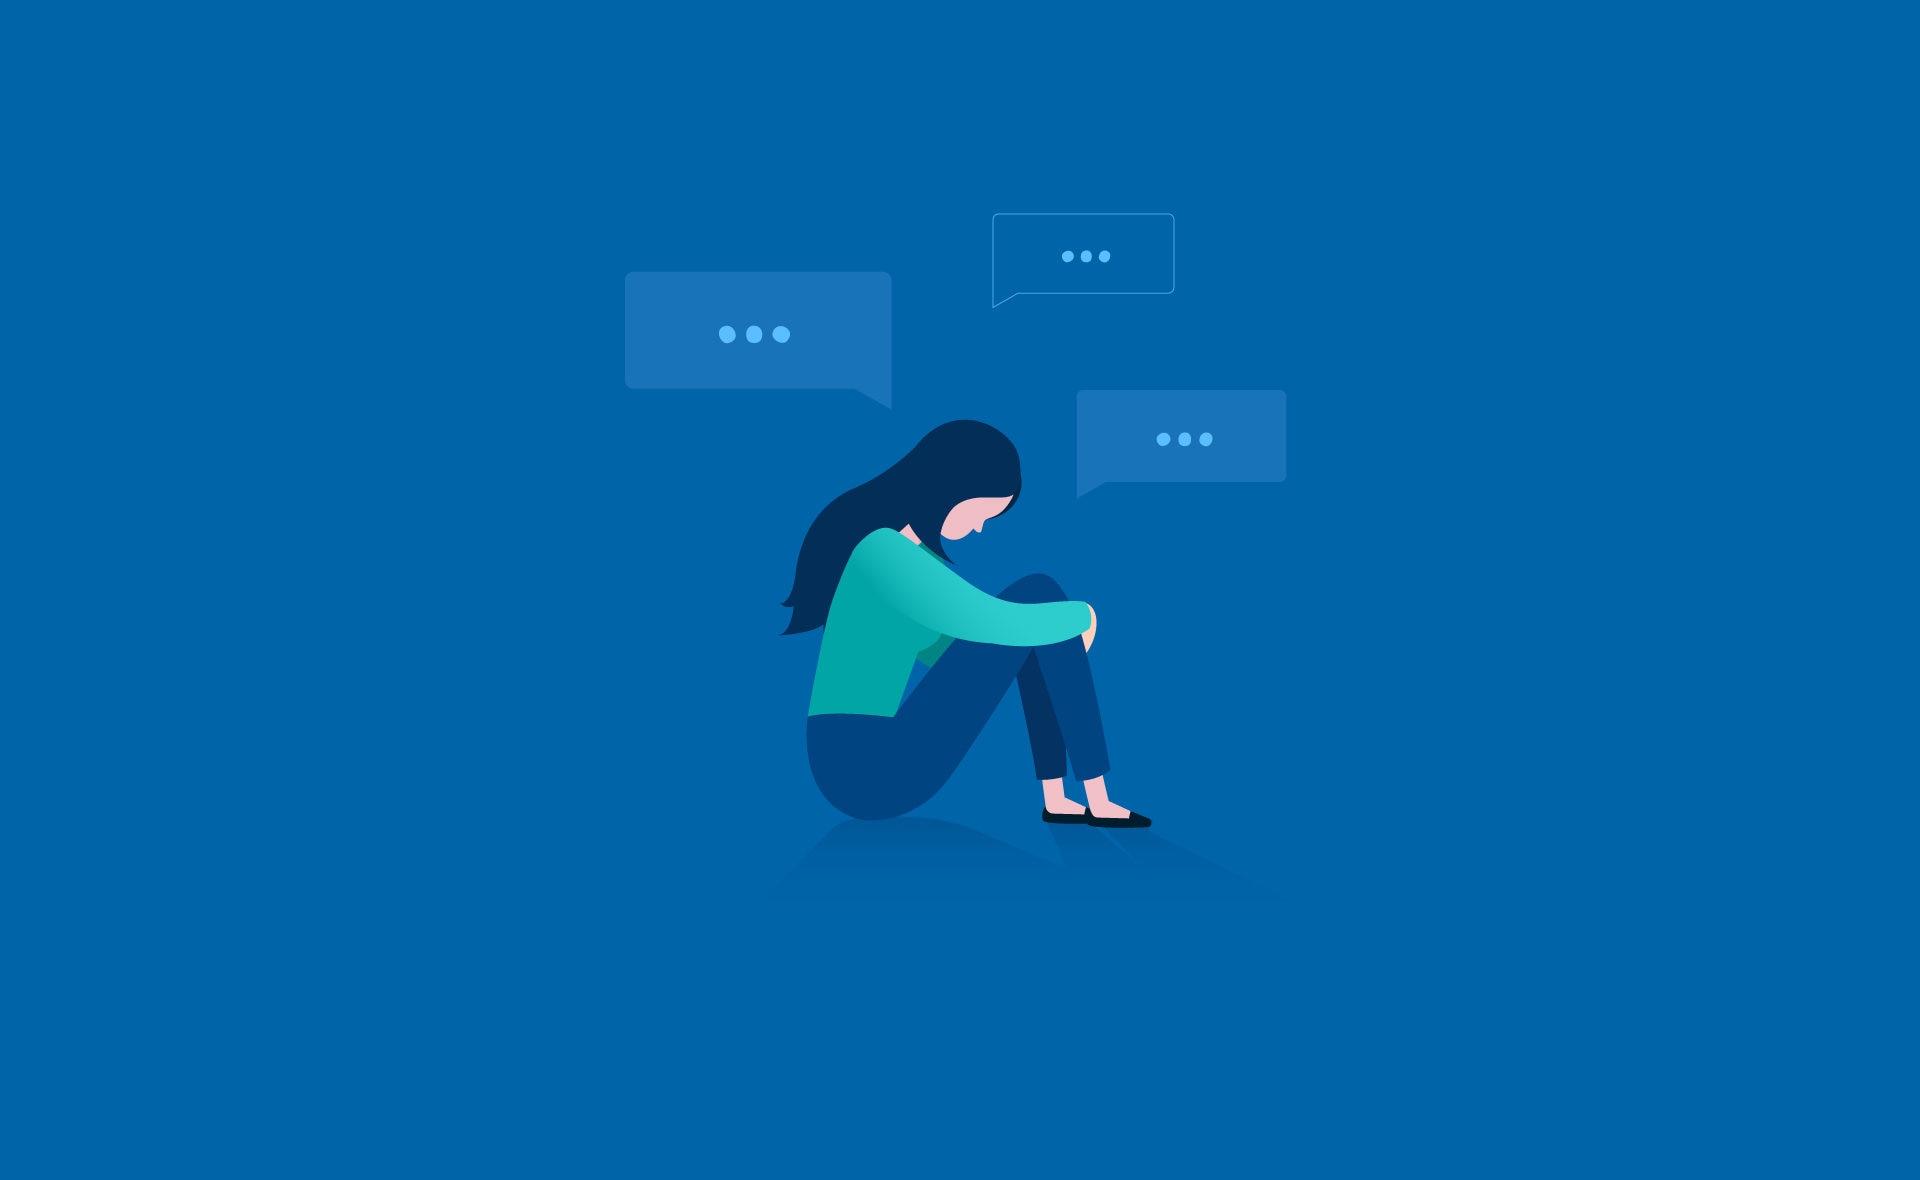 acoso-adolescentes-aprendemos-juntos-podcast-mujer